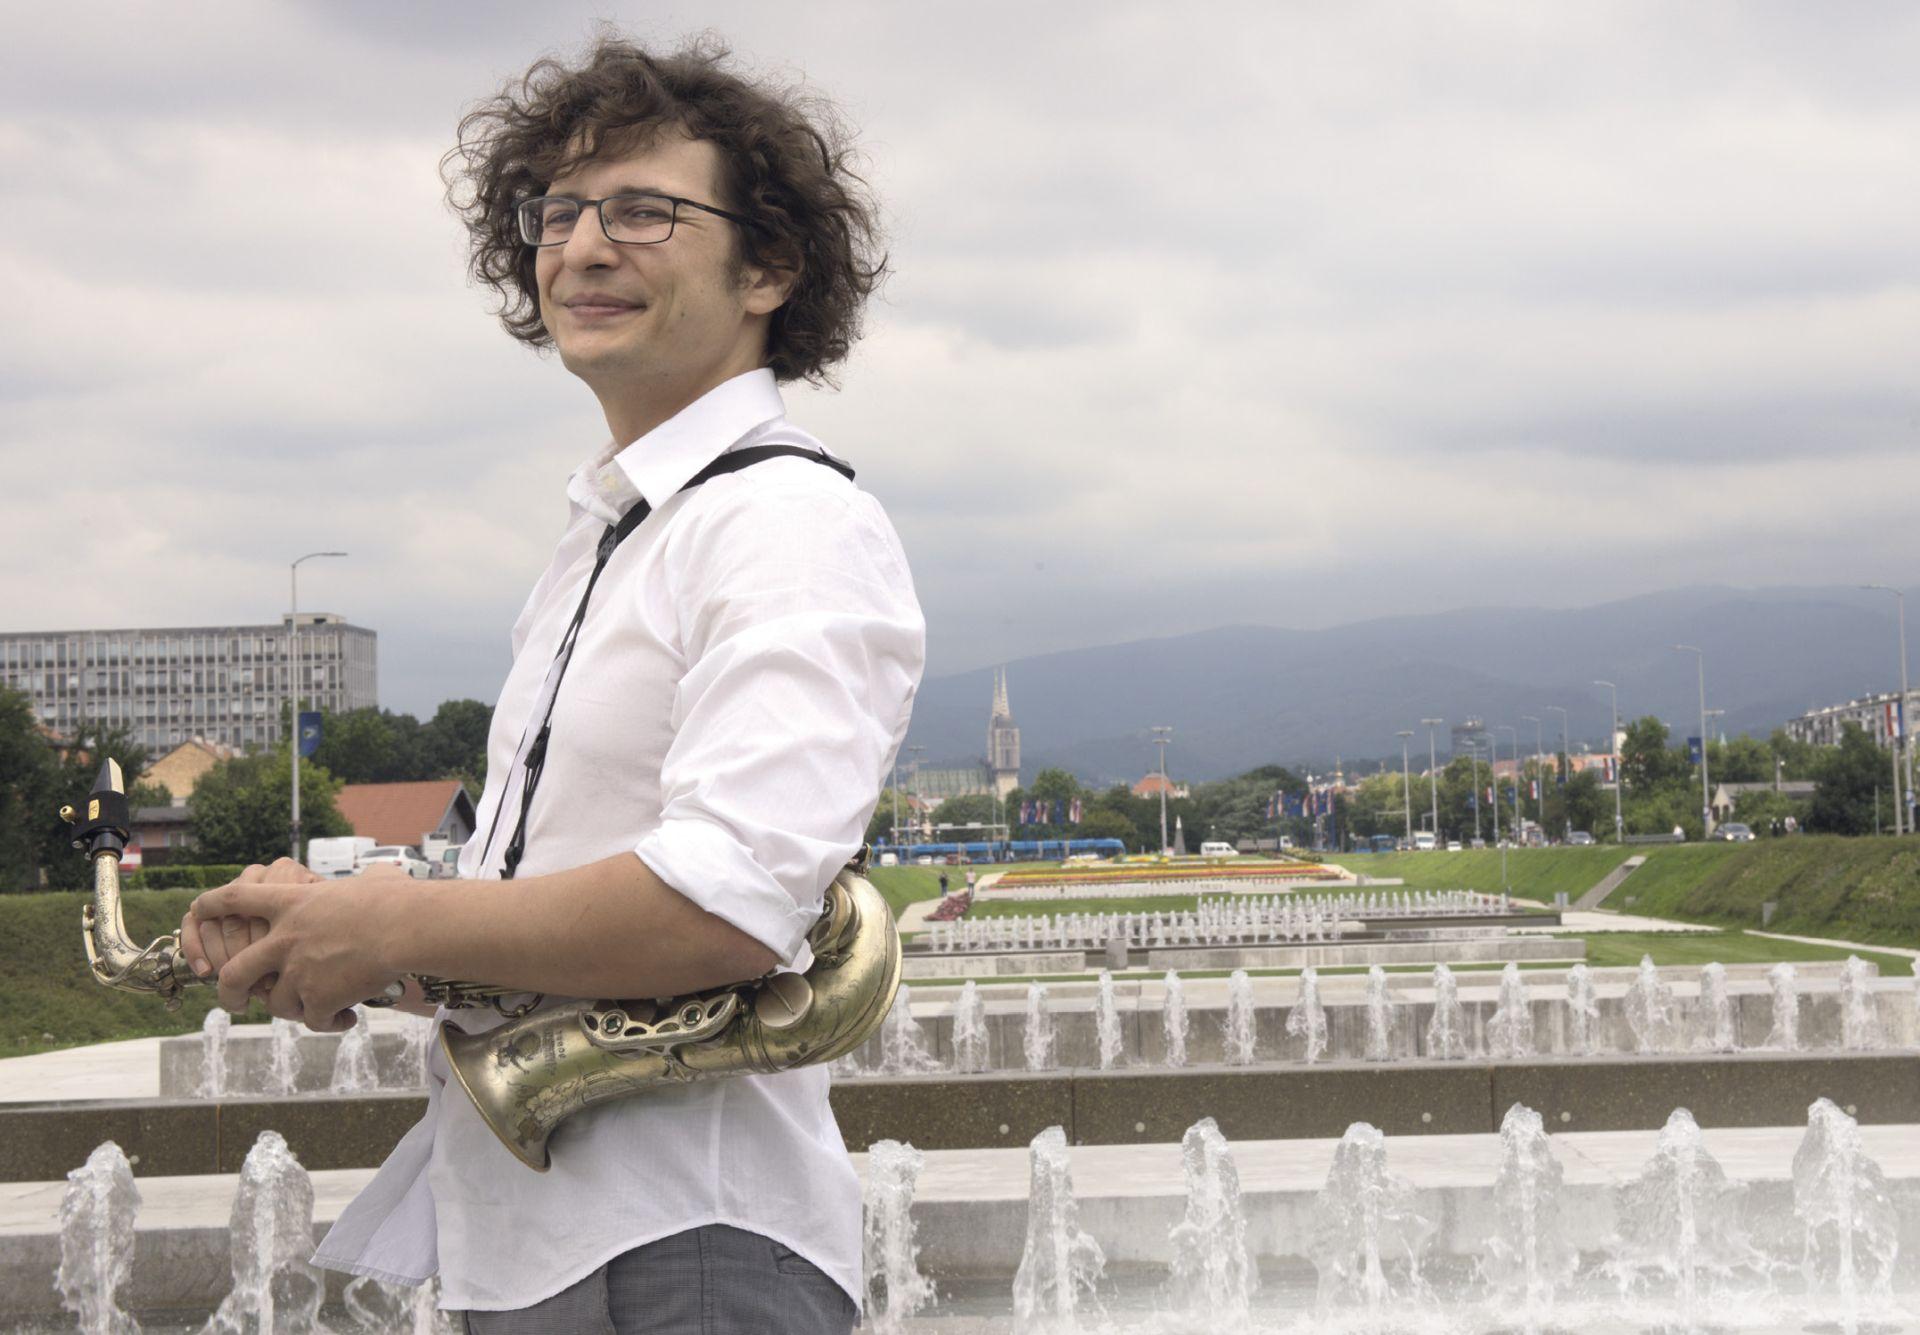 MARINELLO 'Odbijenicom tjedan prije isteka ugovora HRT mi je ugrozio egzistenciju'